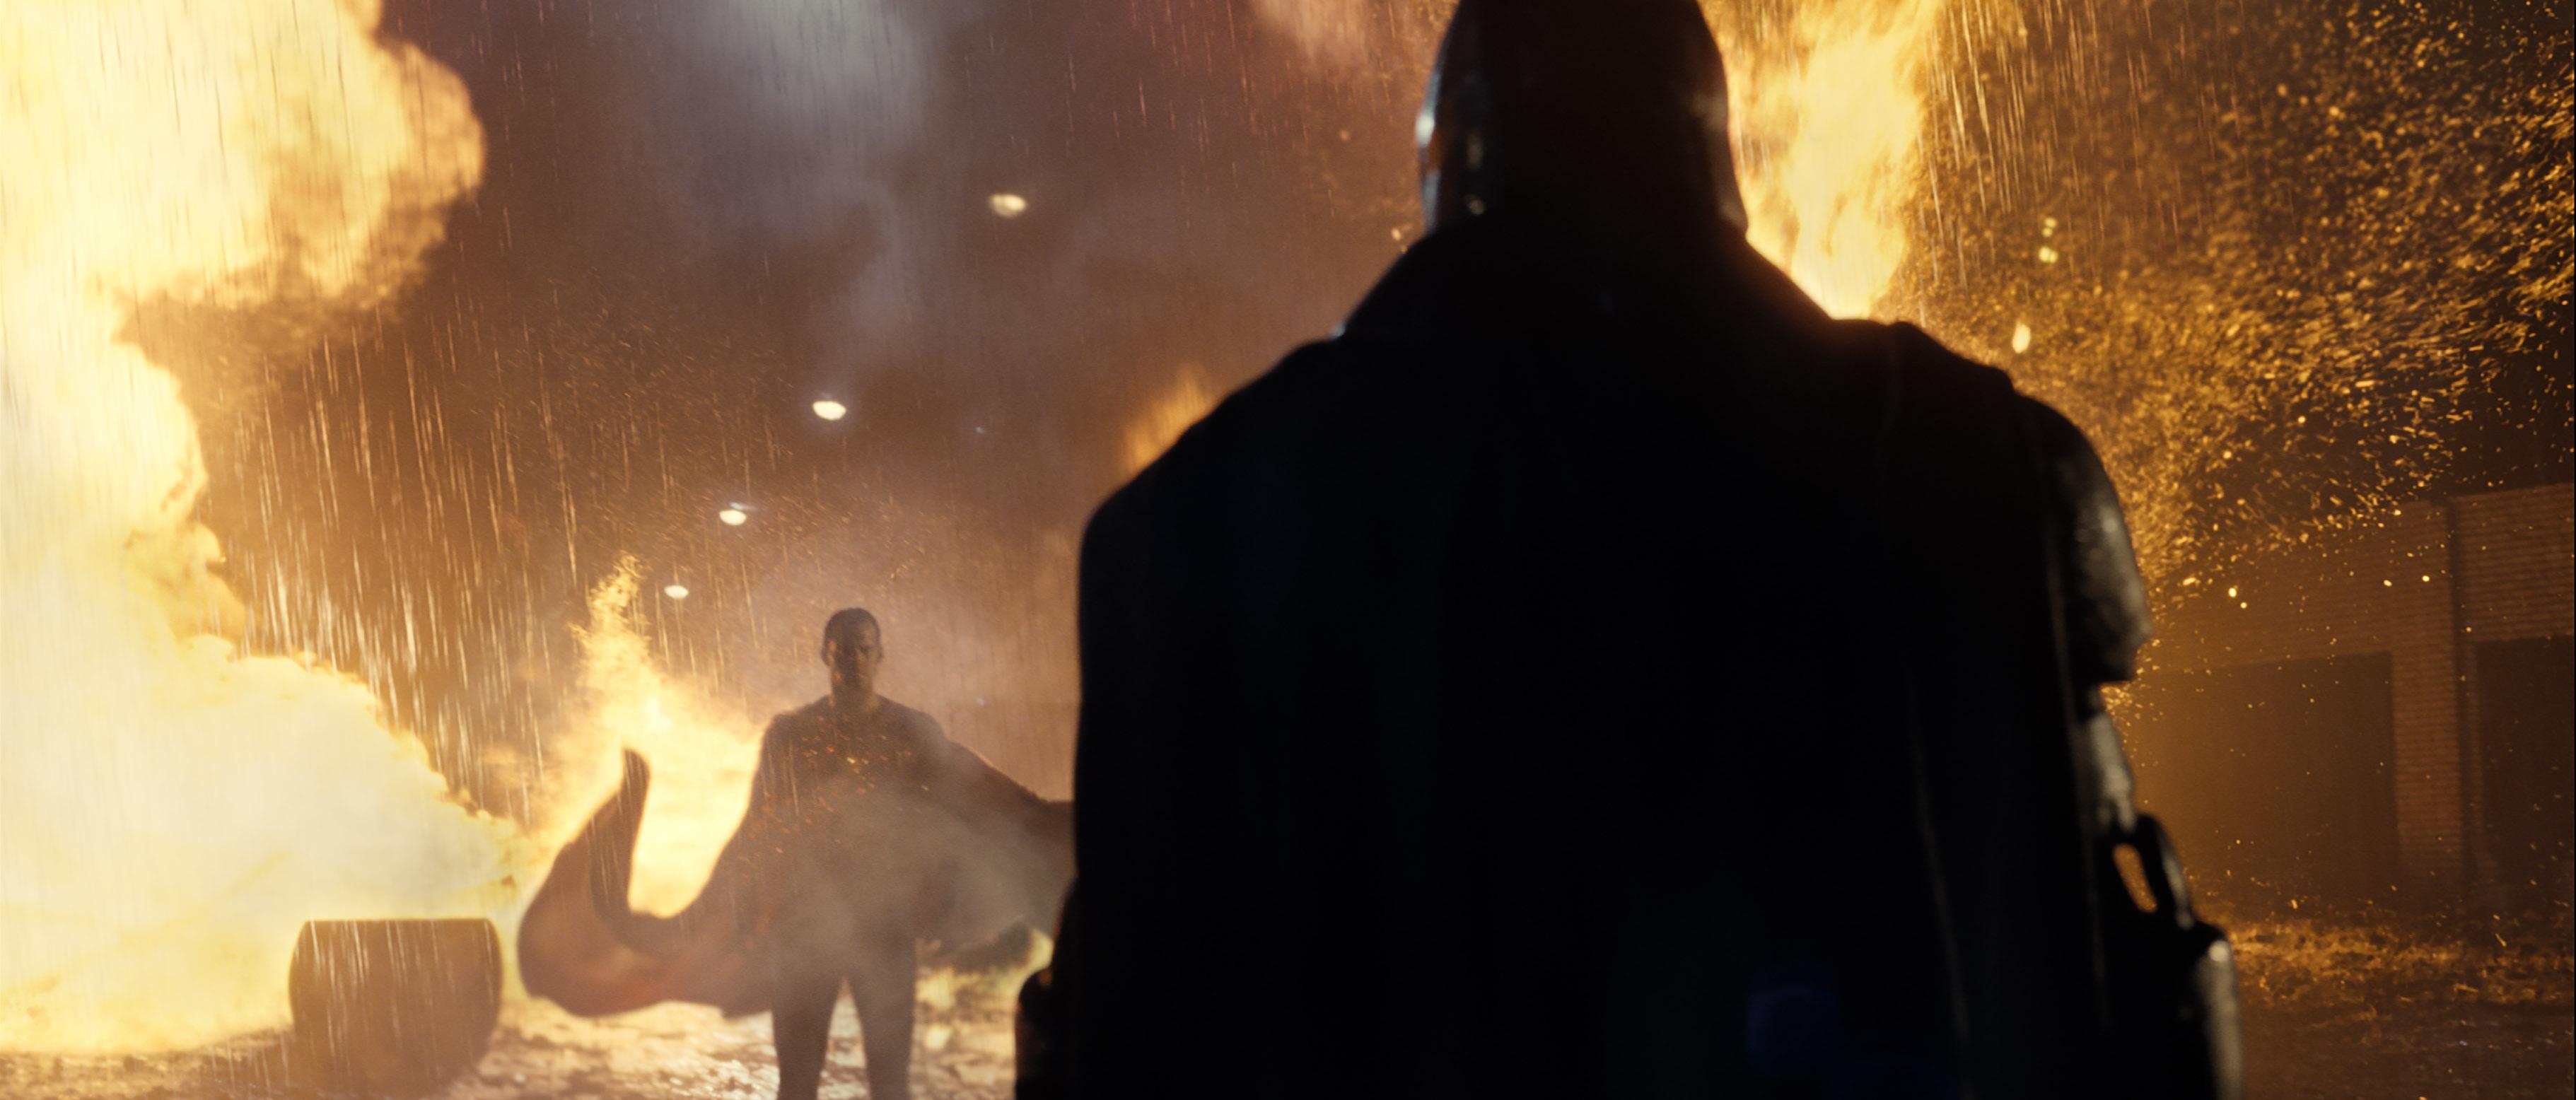 batman v superman review dccomics news battle